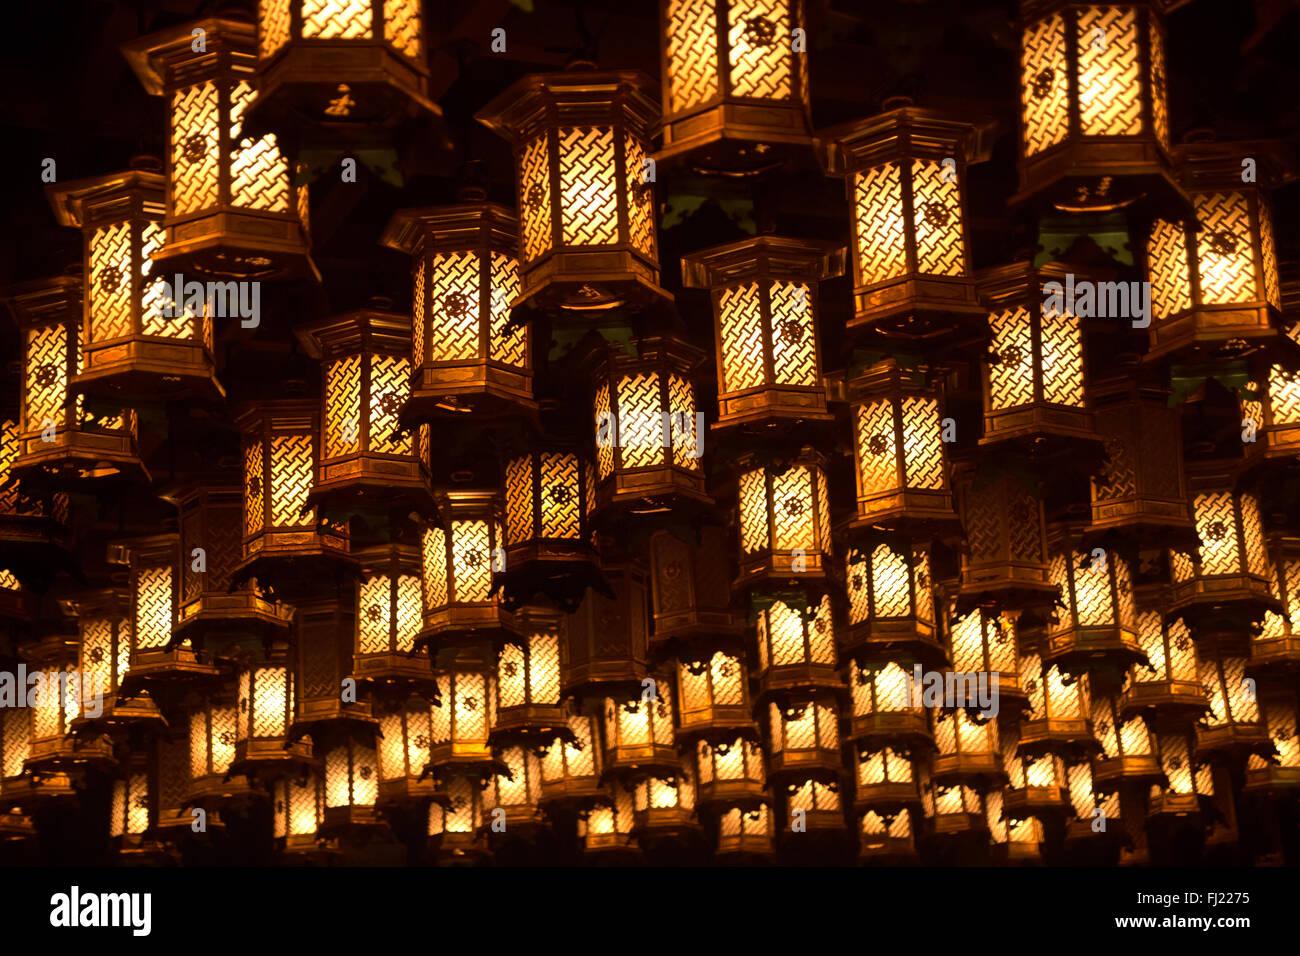 La decoración interior del templo Daiganji, Miyajima, Japón Imagen De Stock